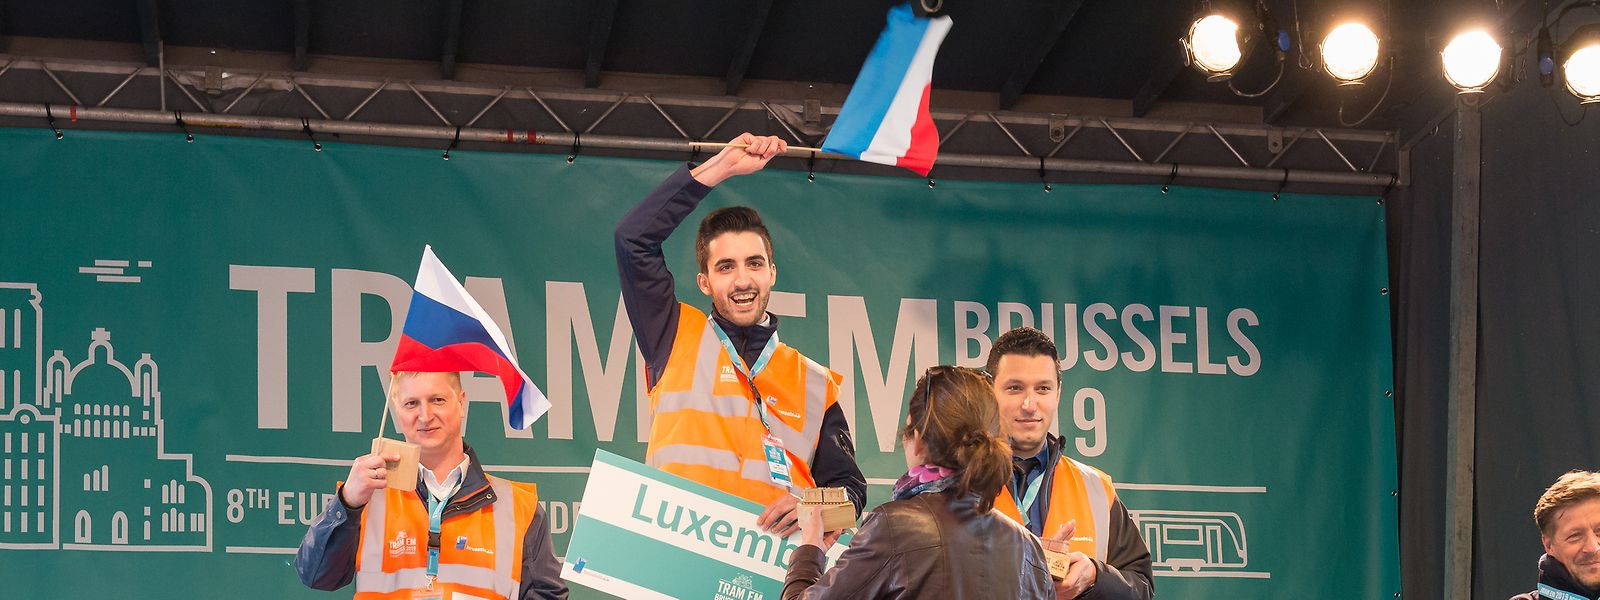 Tiago Ferreira, le meilleur conducteur de tram d'Europe 2019.